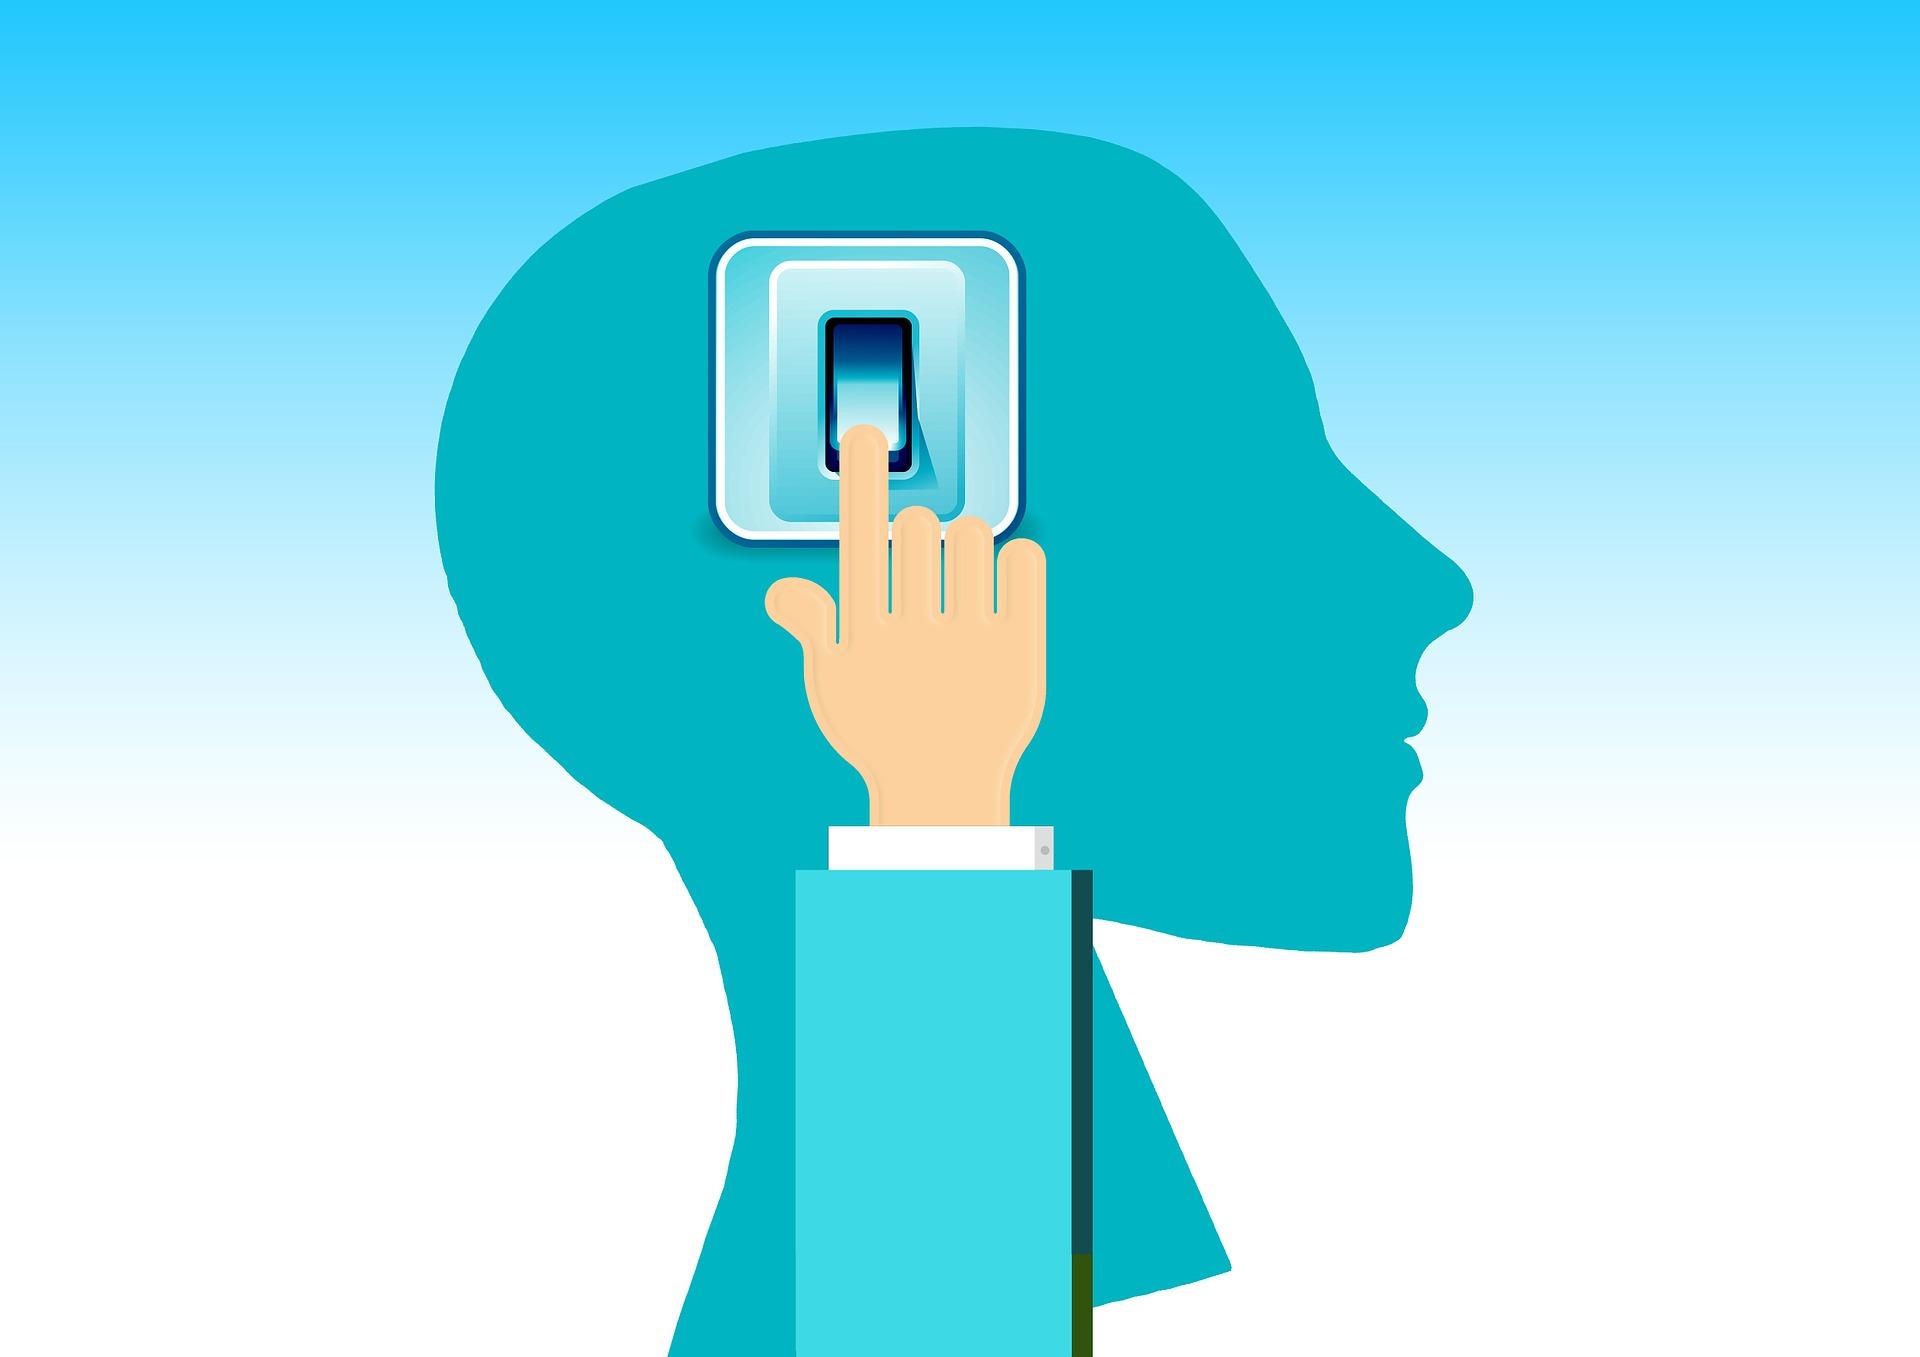 記憶力バツグンになる脳の若返りだって夢じゃない!